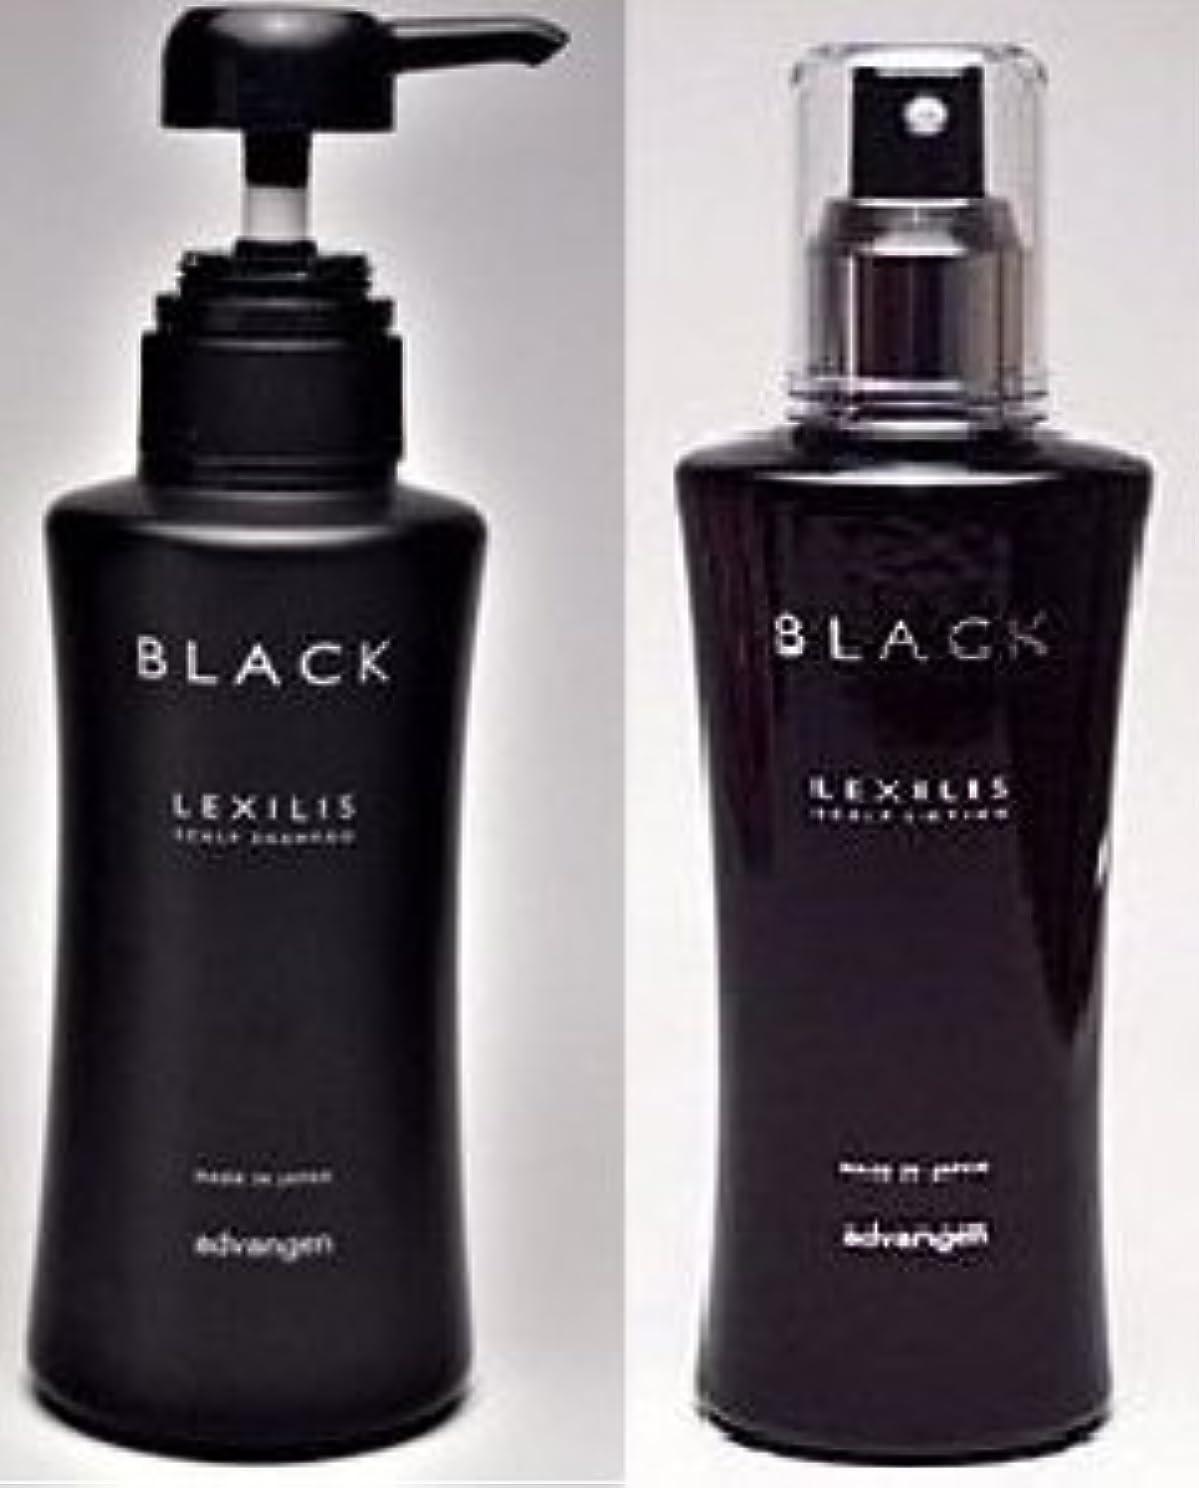 立証するたくさん思い出すレキシリス ブラック スカルプシャンプー & レキシリス ブラック スカルプローション ???